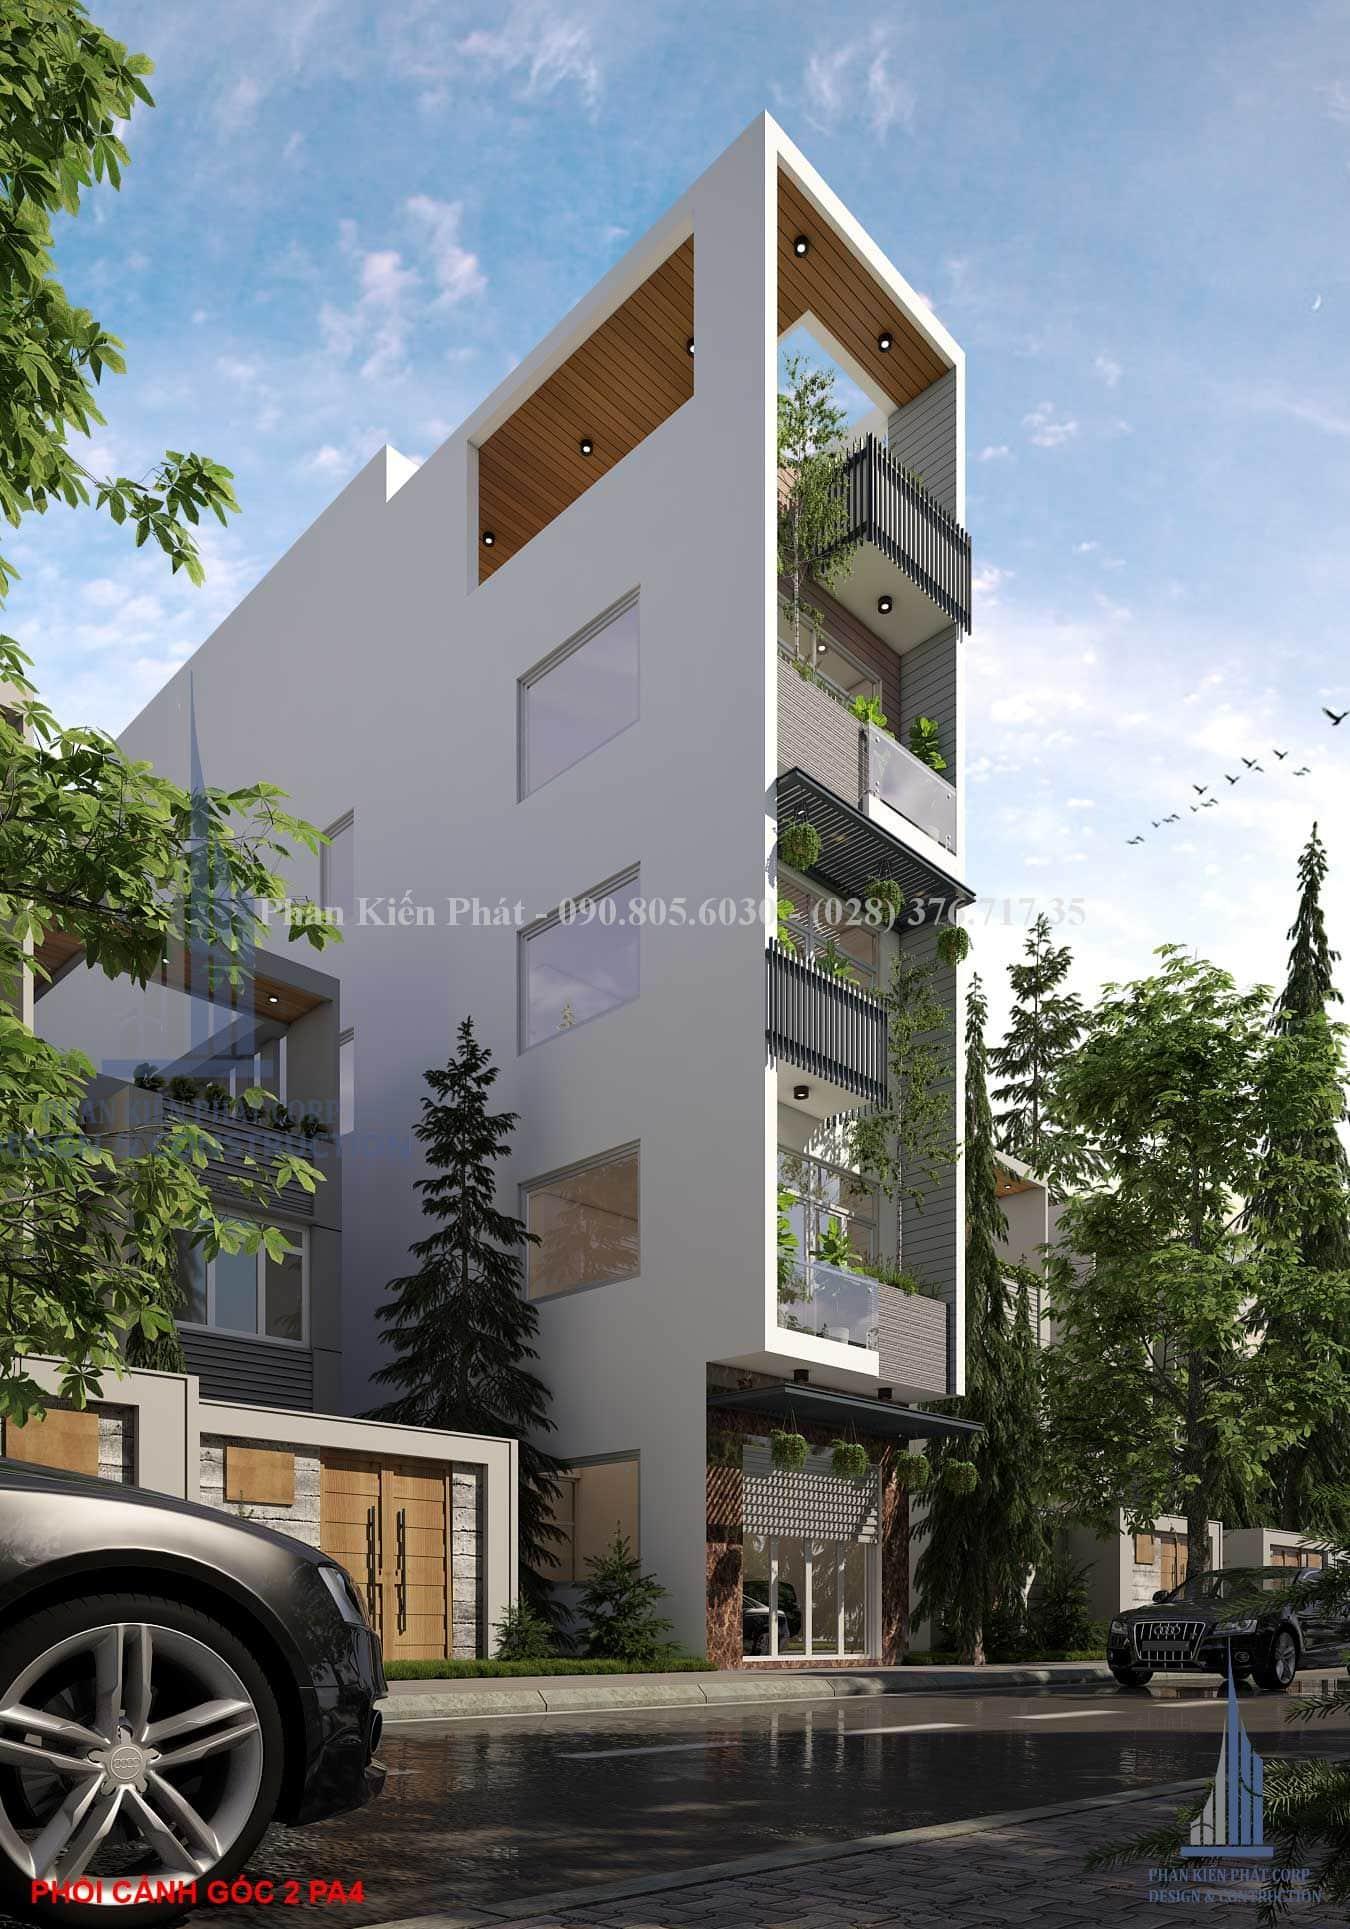 Phối cảnh mặt tiền nhà phố 1 trệt 3 lầu, sân thượng tại Gò Vấp